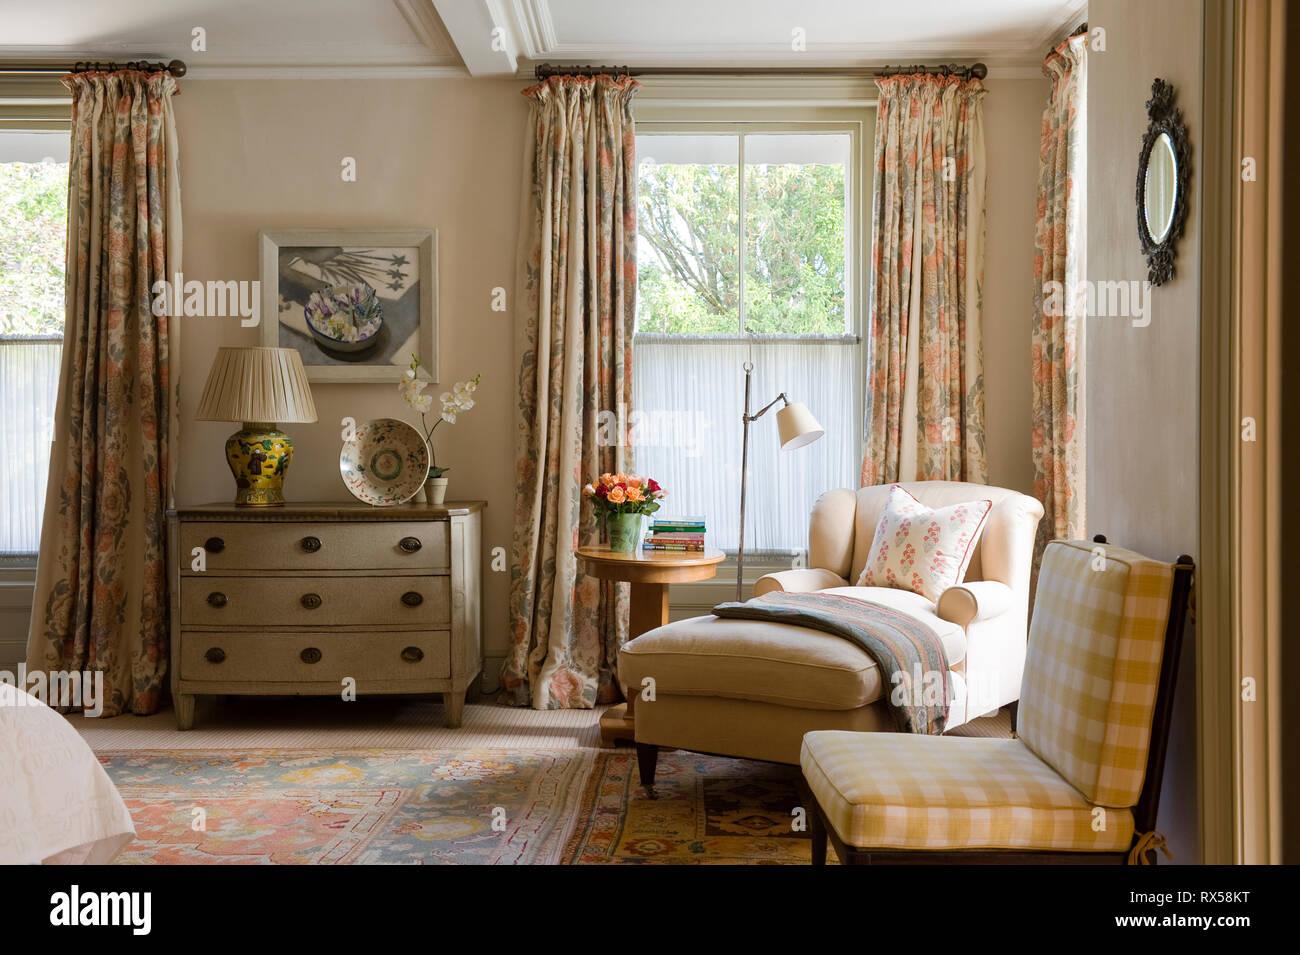 Chaise longue e cassetti in stile country camera da letto ...